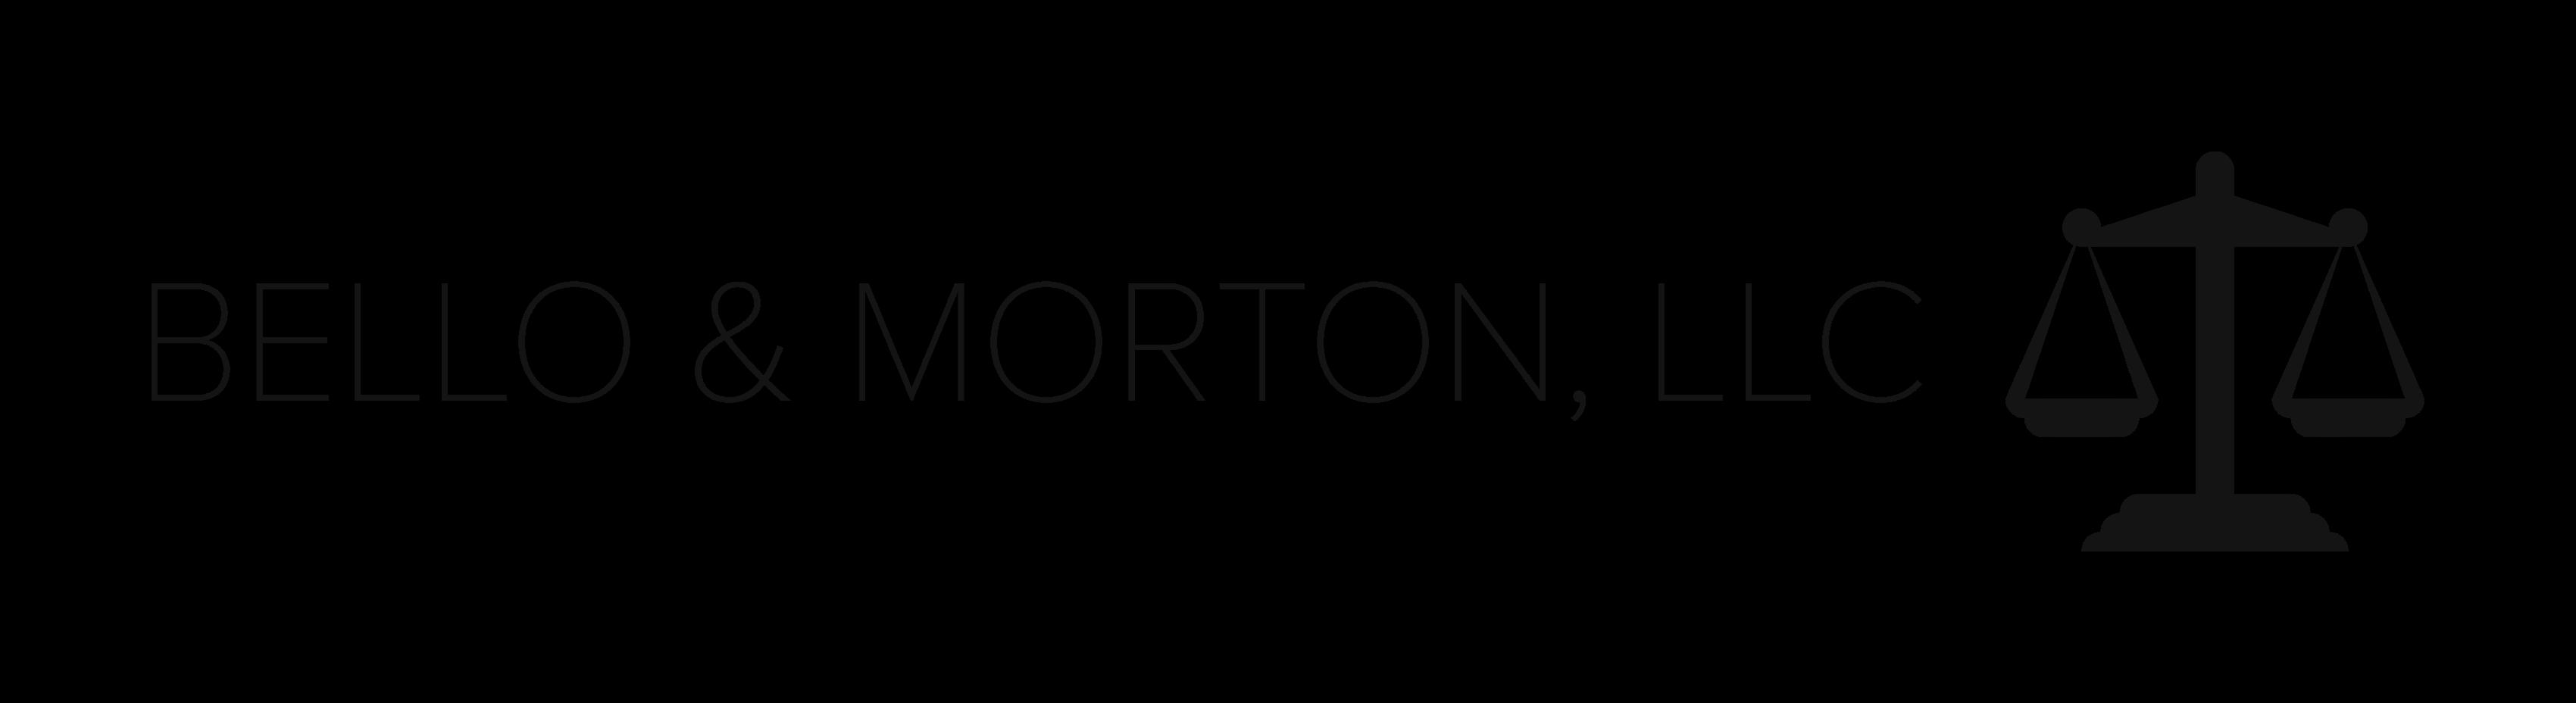 MORTON LAW LLC